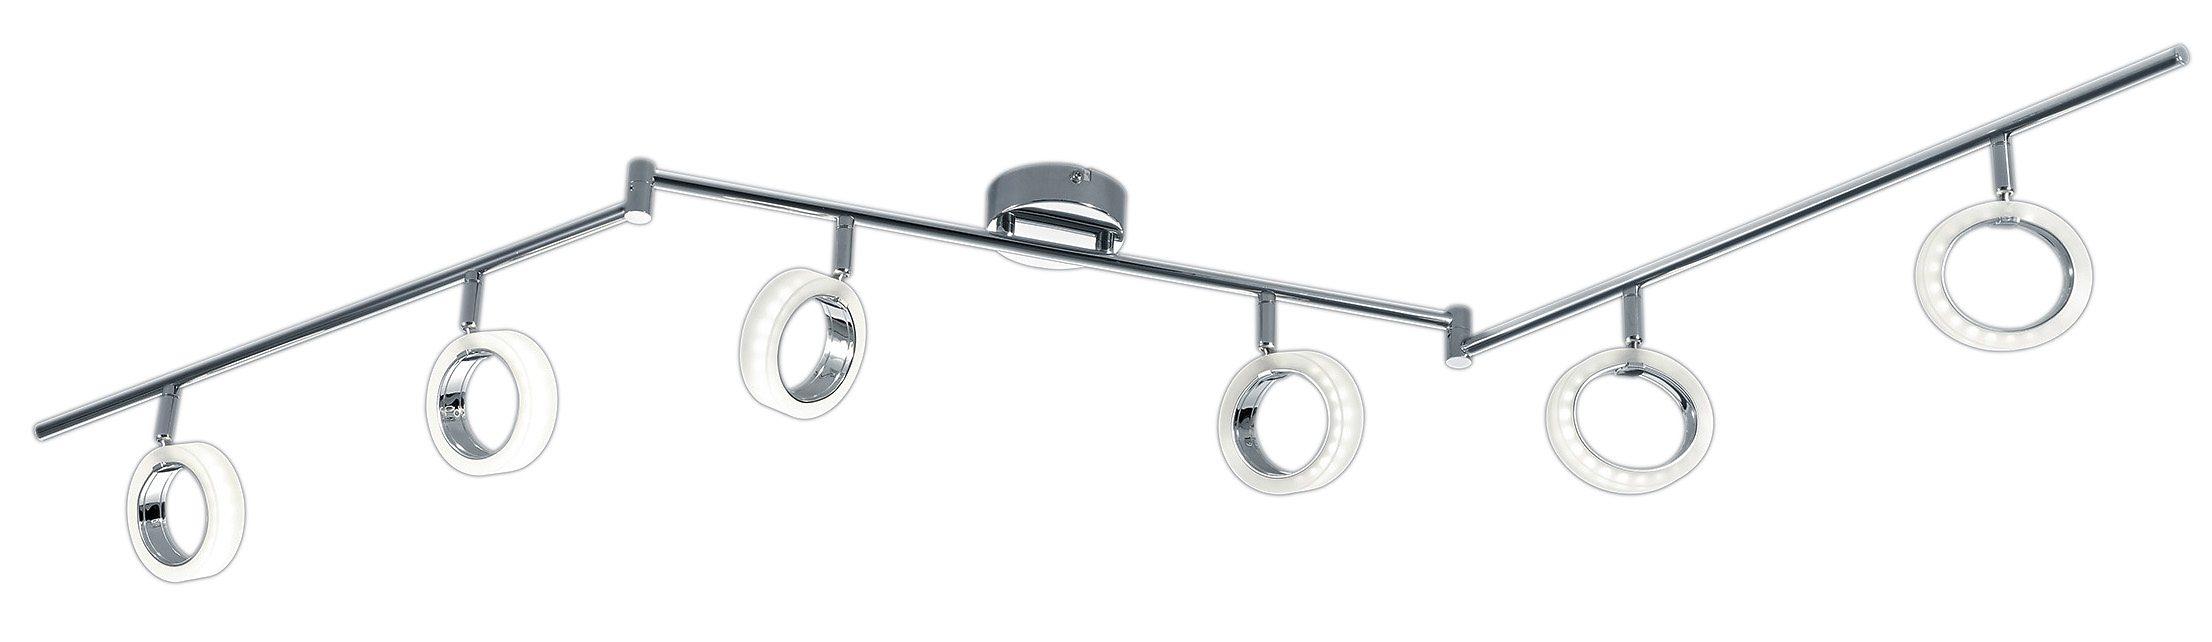 Trio LED-Deckenleuchte, 6 flg., »CORLAND II«